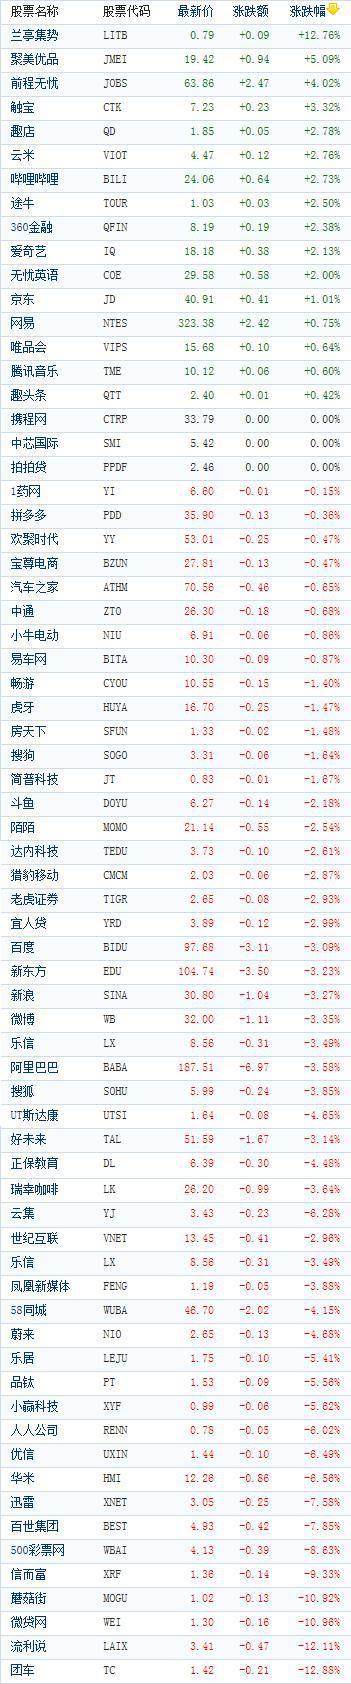 中国概念股周三收盘多数下跌 流利说大跌逾12%